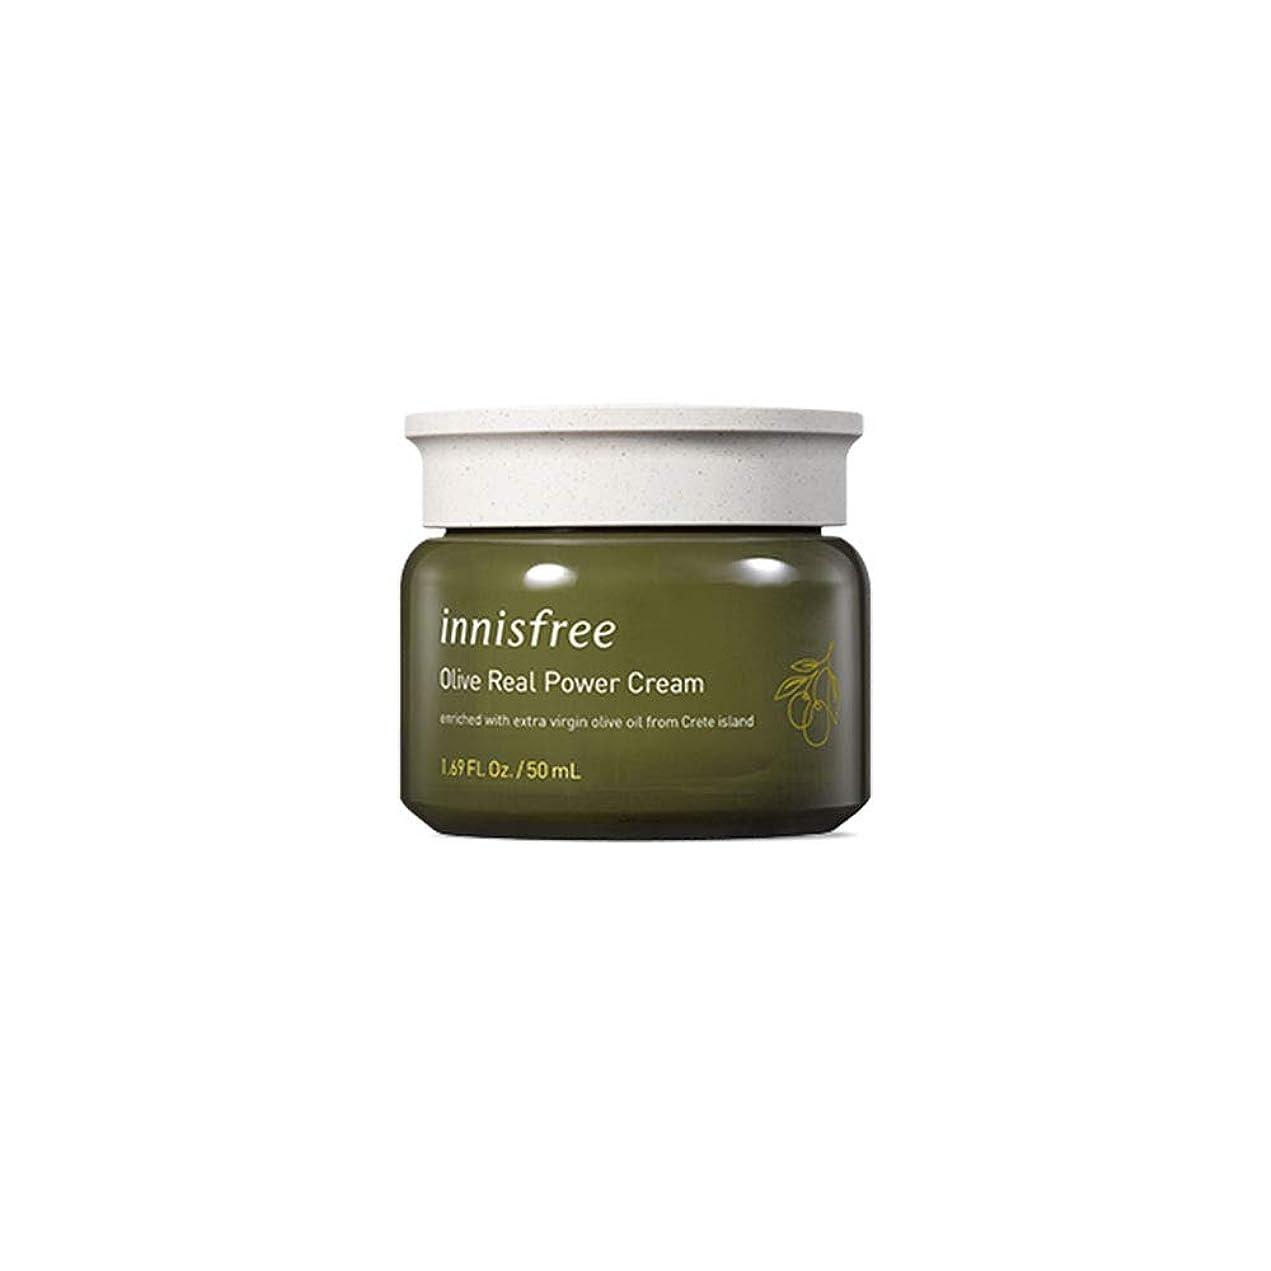 折り目タブレットアコード[イニスフリー] Innisfree オリーブリアル パワークリーム(50ml) Innisfree Olive Real Power Cream(50ml)  [海外直送品]